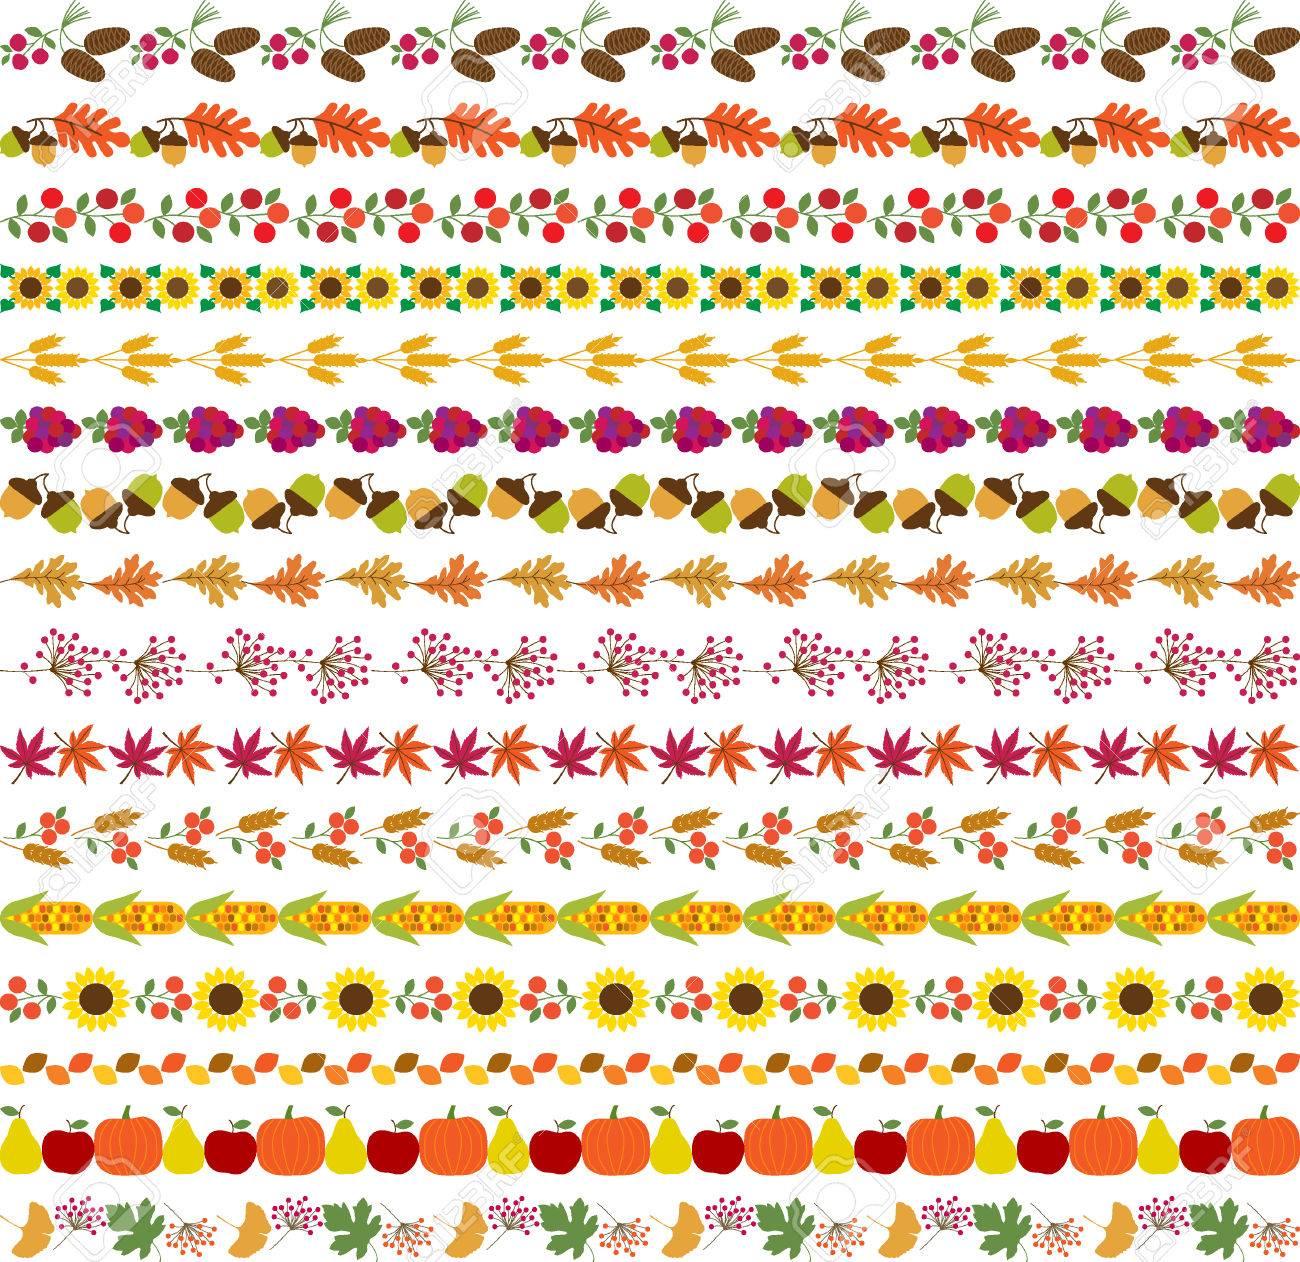 autumn border patterns